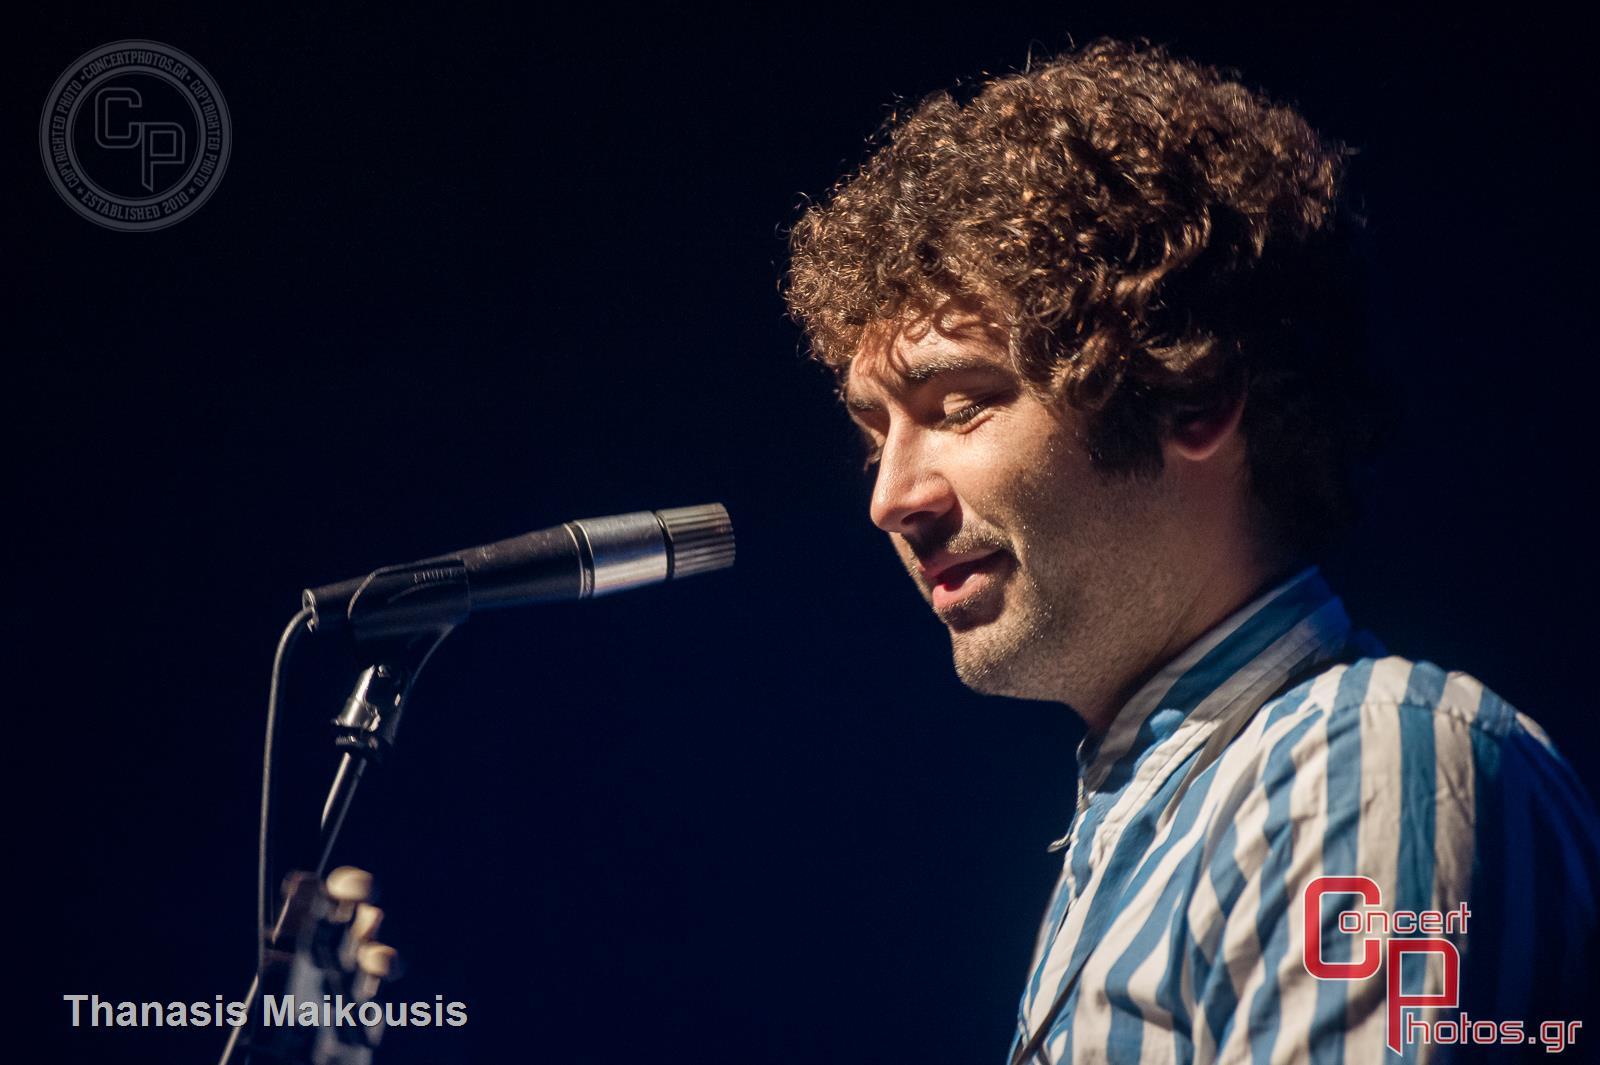 Allah Las & My Drunken Haze -Allah Las My Drunken Haze  photographer: Thanasis Maikousis - ConcertPhotos - 20141102_0032_06